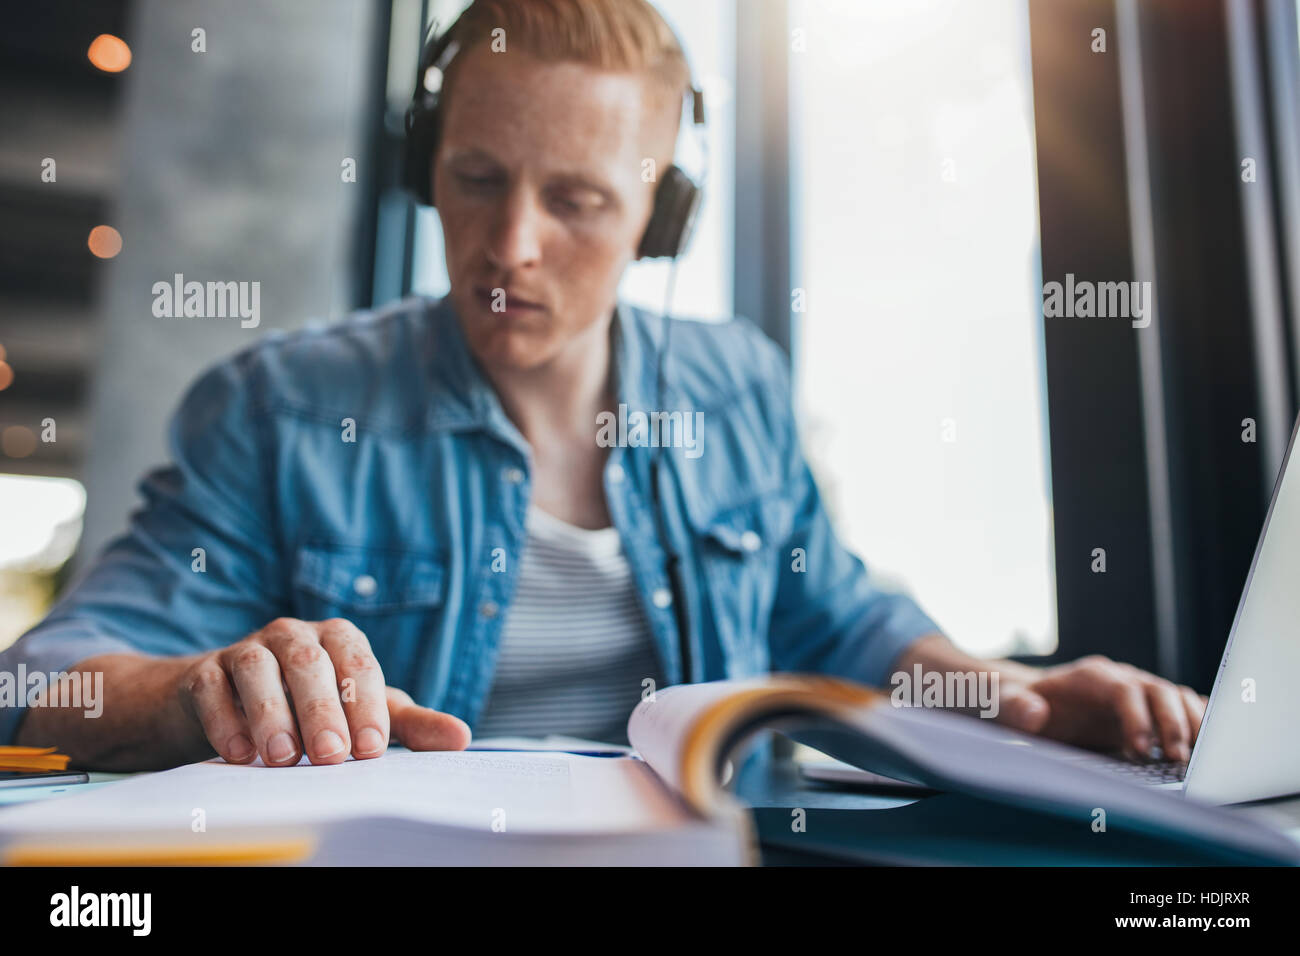 Junger Mann sitzt am Tisch mit Büchern und Laptop zum Auffinden von Informationen. Junge männliche Student Stockbild